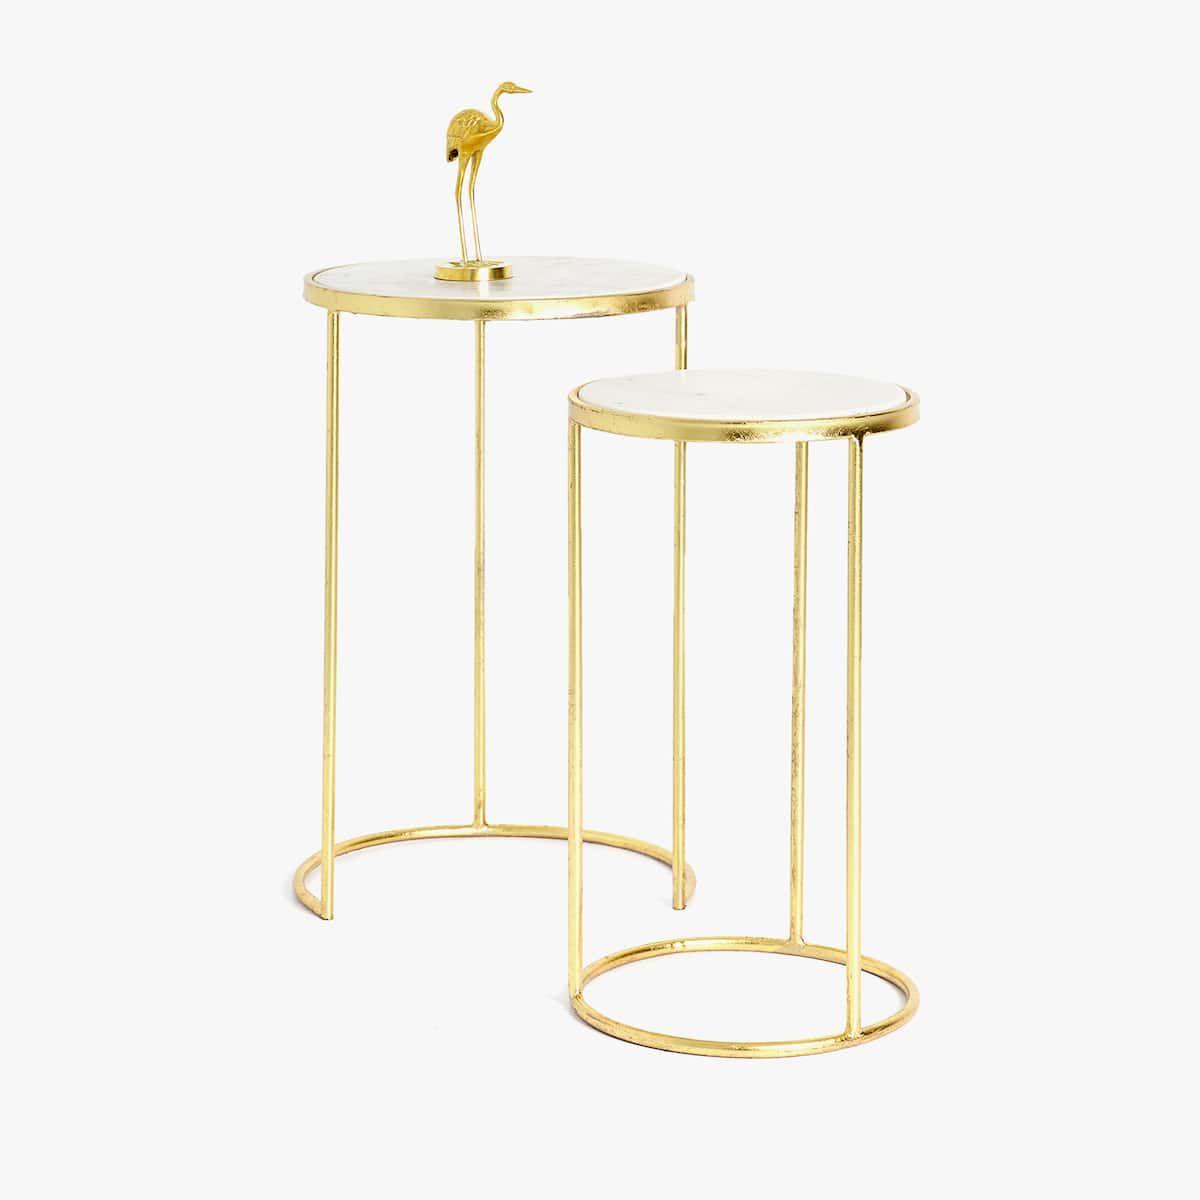 Bild 2 Des Produktes Hoher Marmortisch In Gold Doppelset Marmortisch Tisch Zara Home